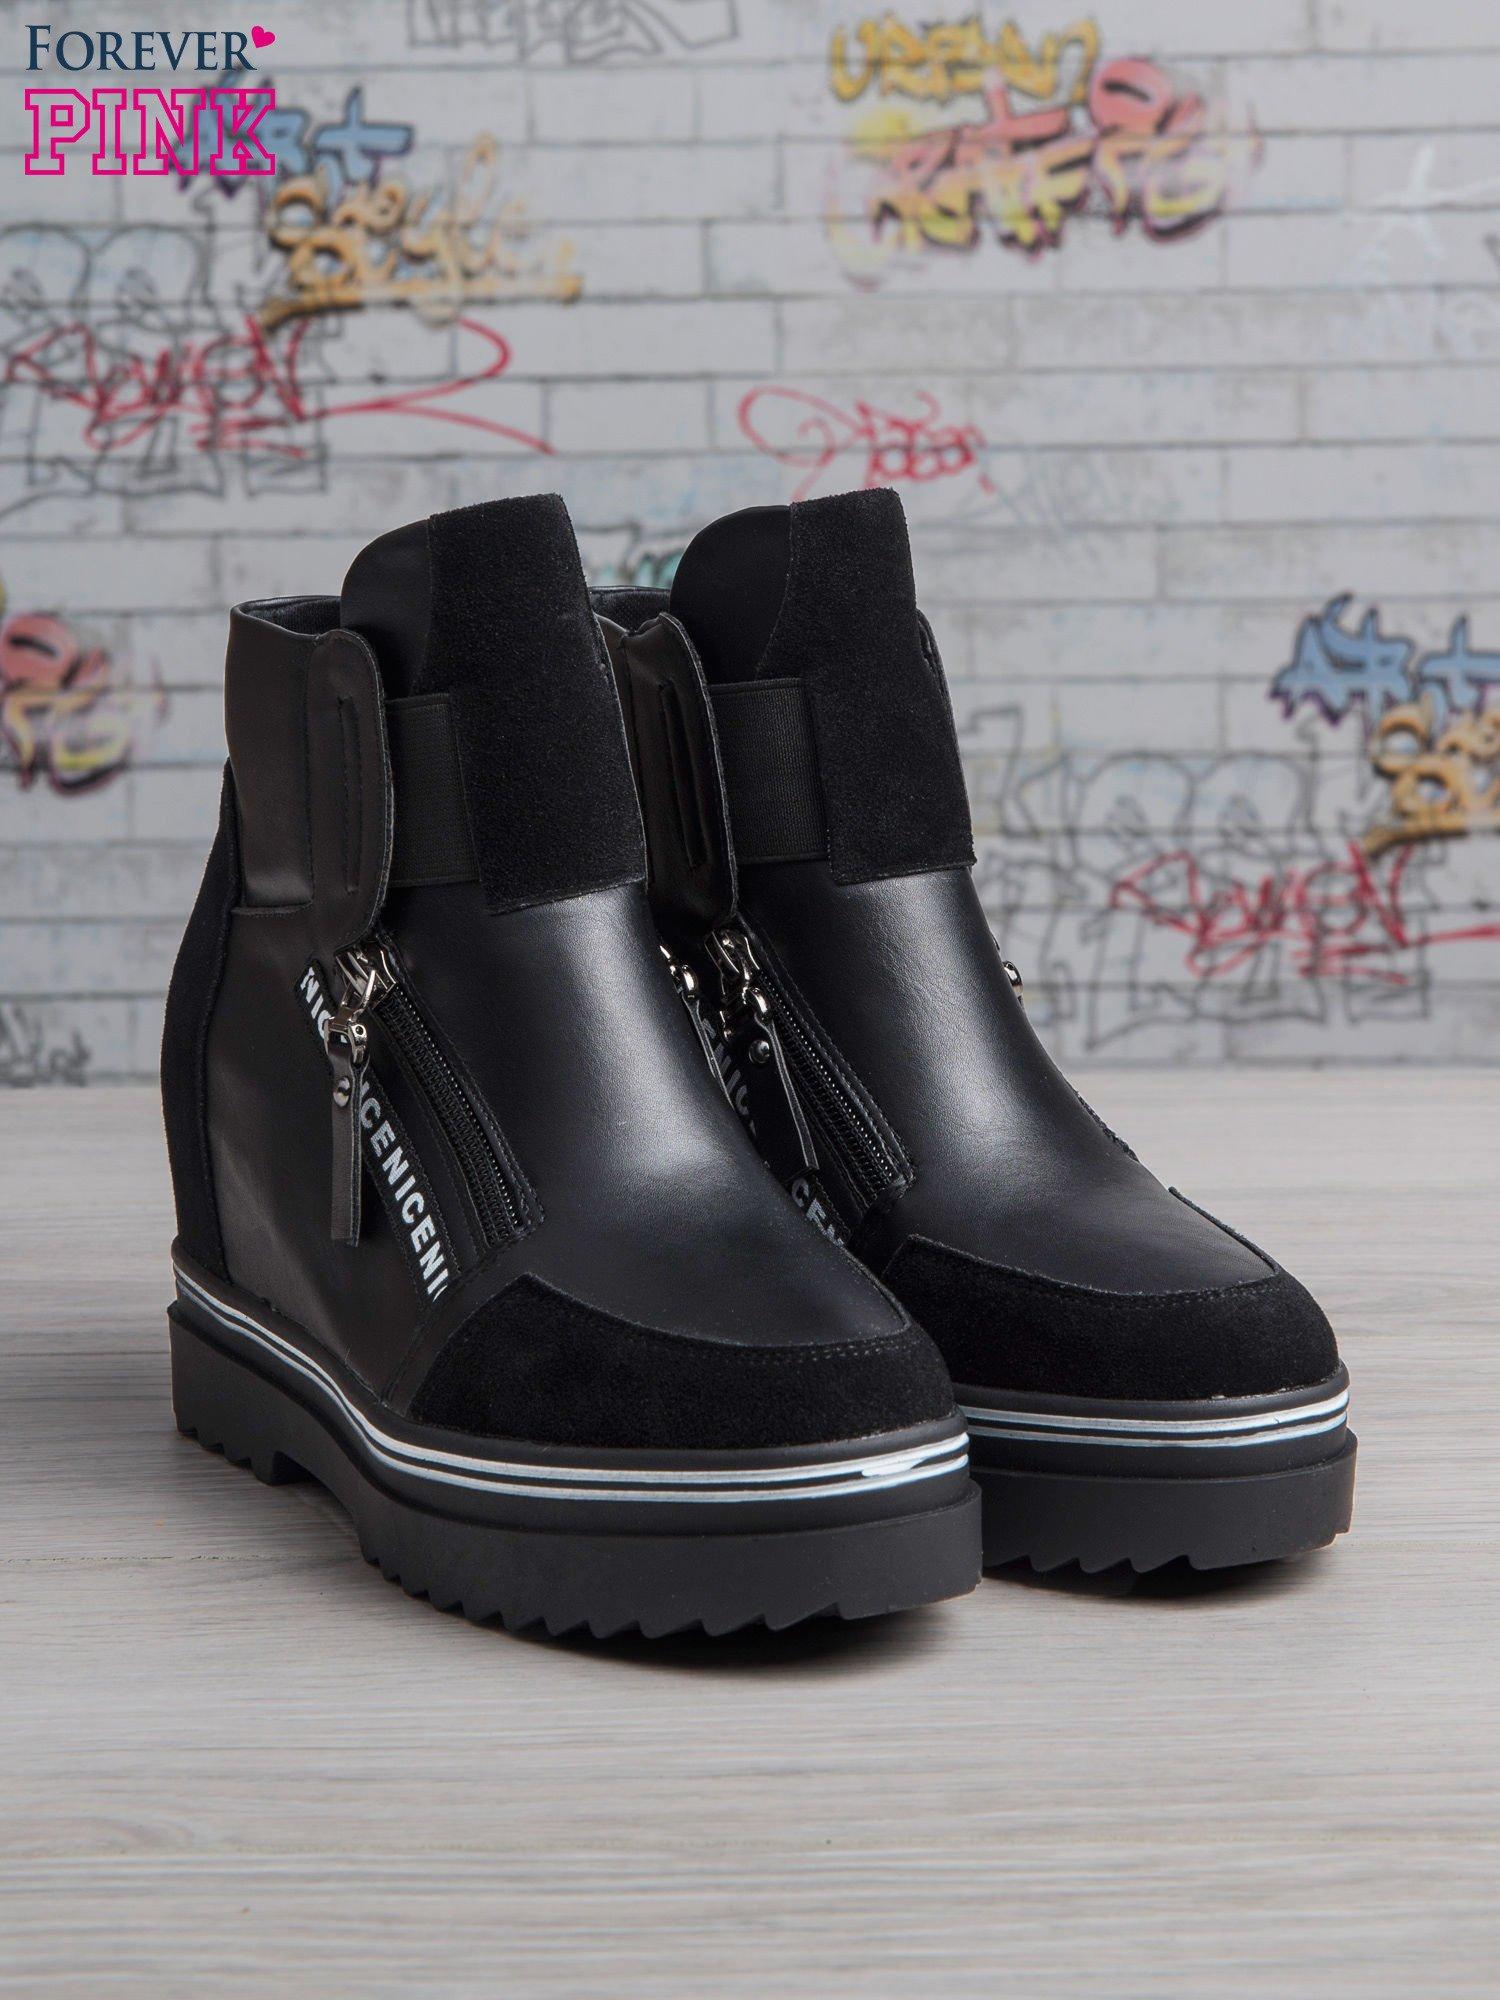 Czarne skórzane sneakersy Perry z zamszowymi wstawkami i suwakami                                  zdj.                                  2